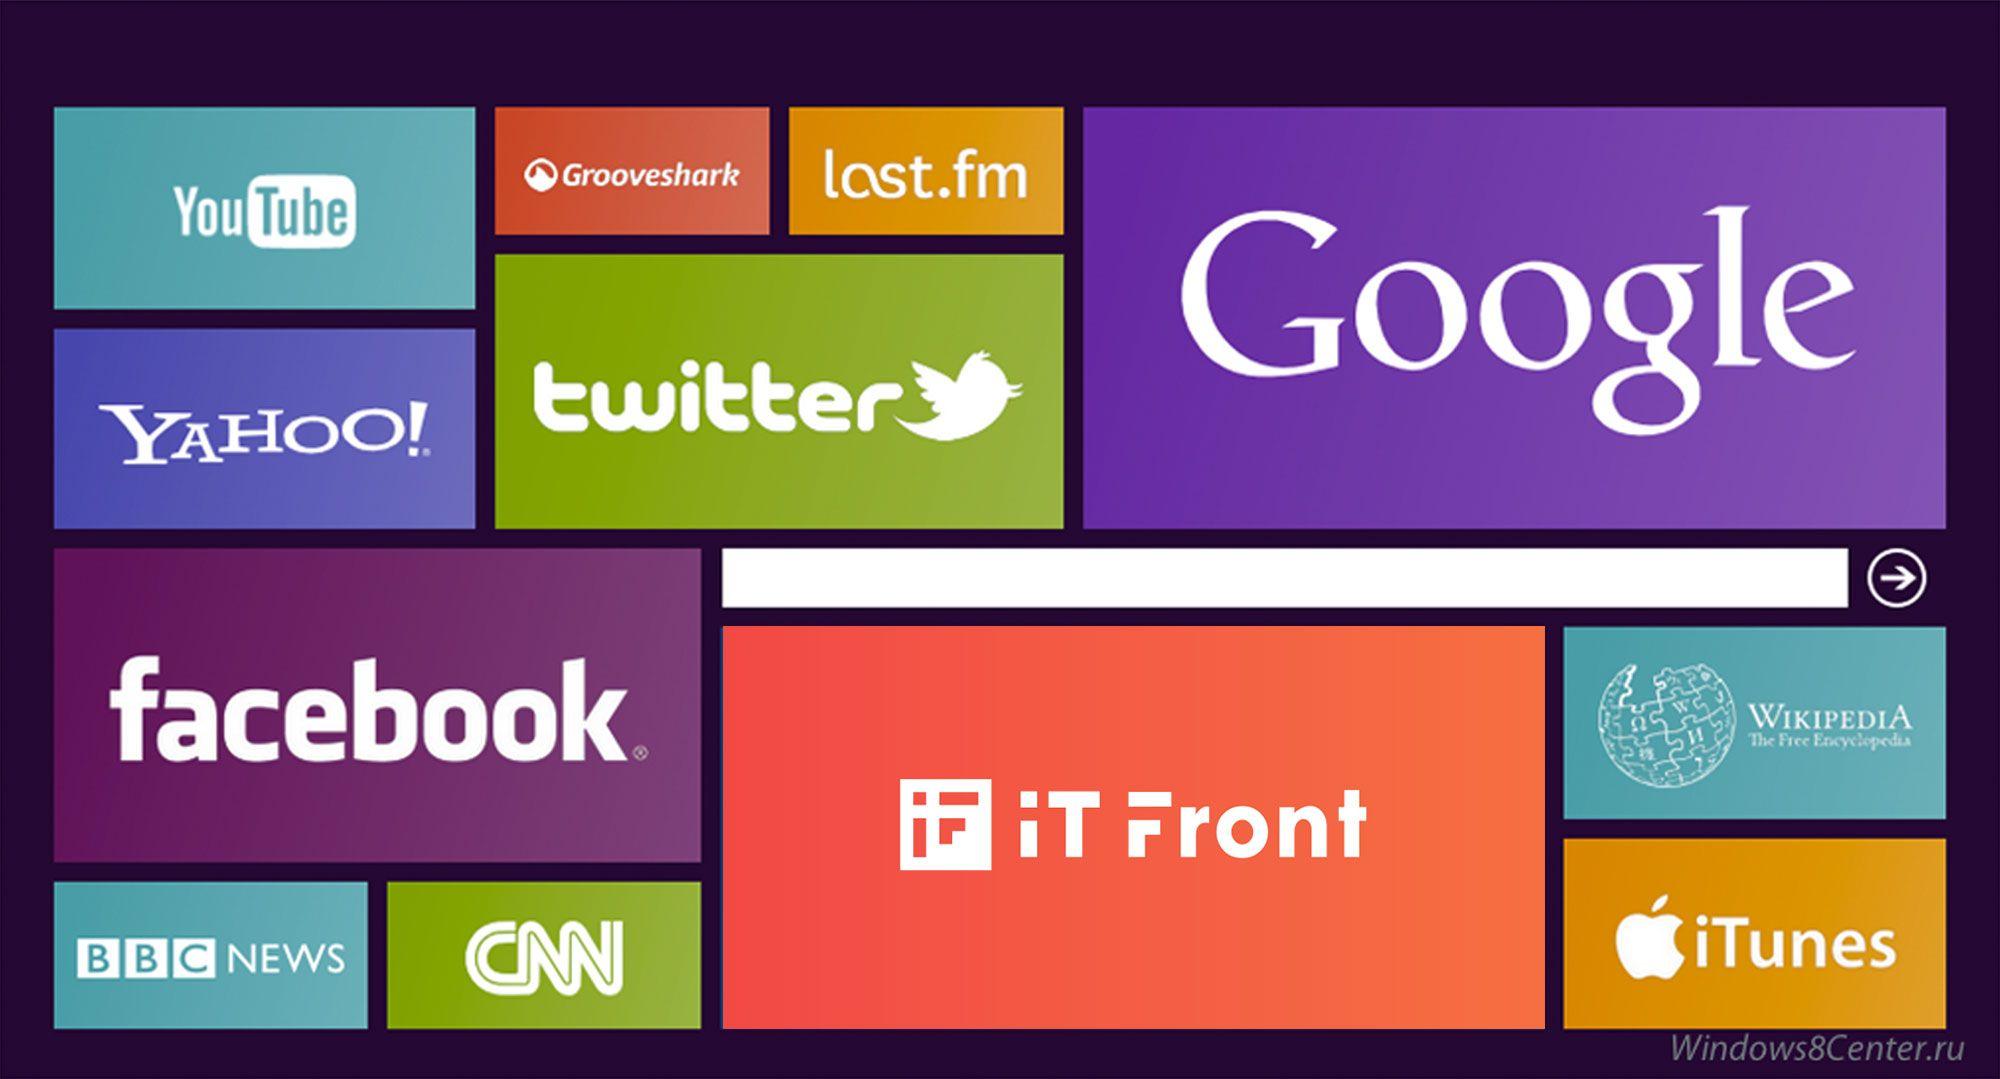 Создание логотипа компании АйТи Фронт (itfront.ru) - дизайнер Knock-knock